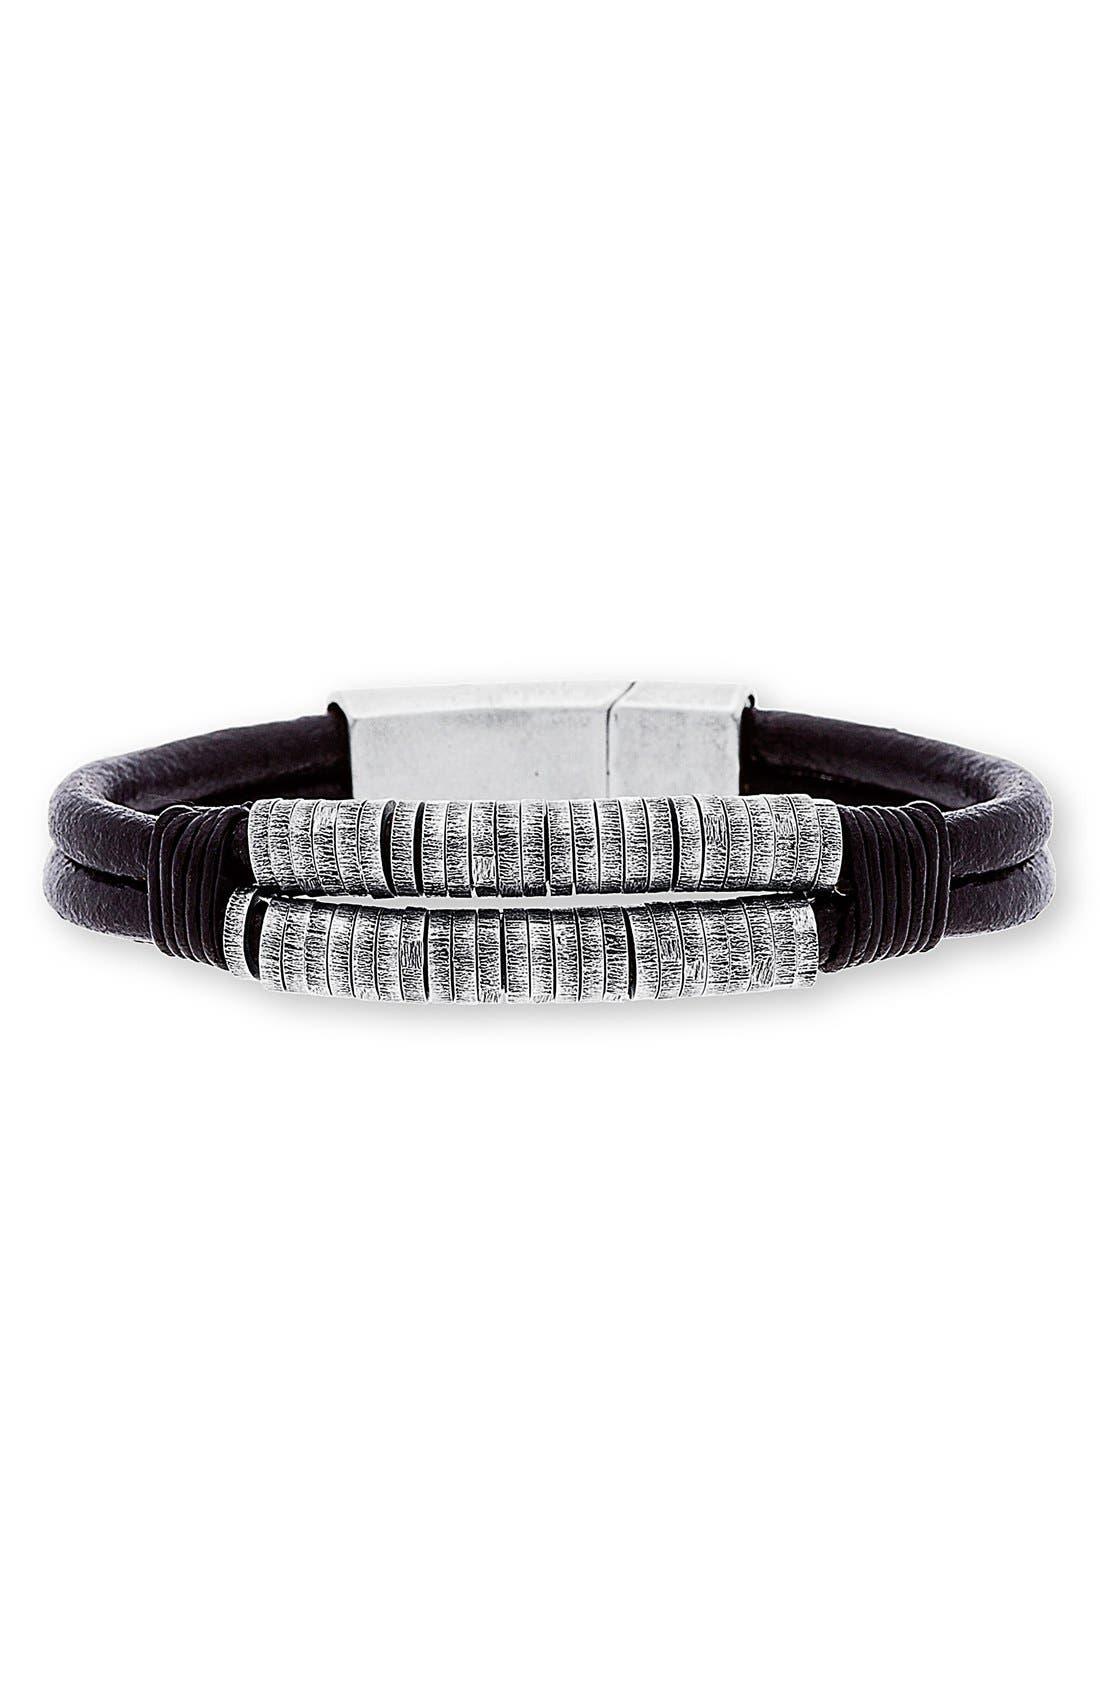 Main Image - Steve Madden Stainless Steel Bead Bracelet